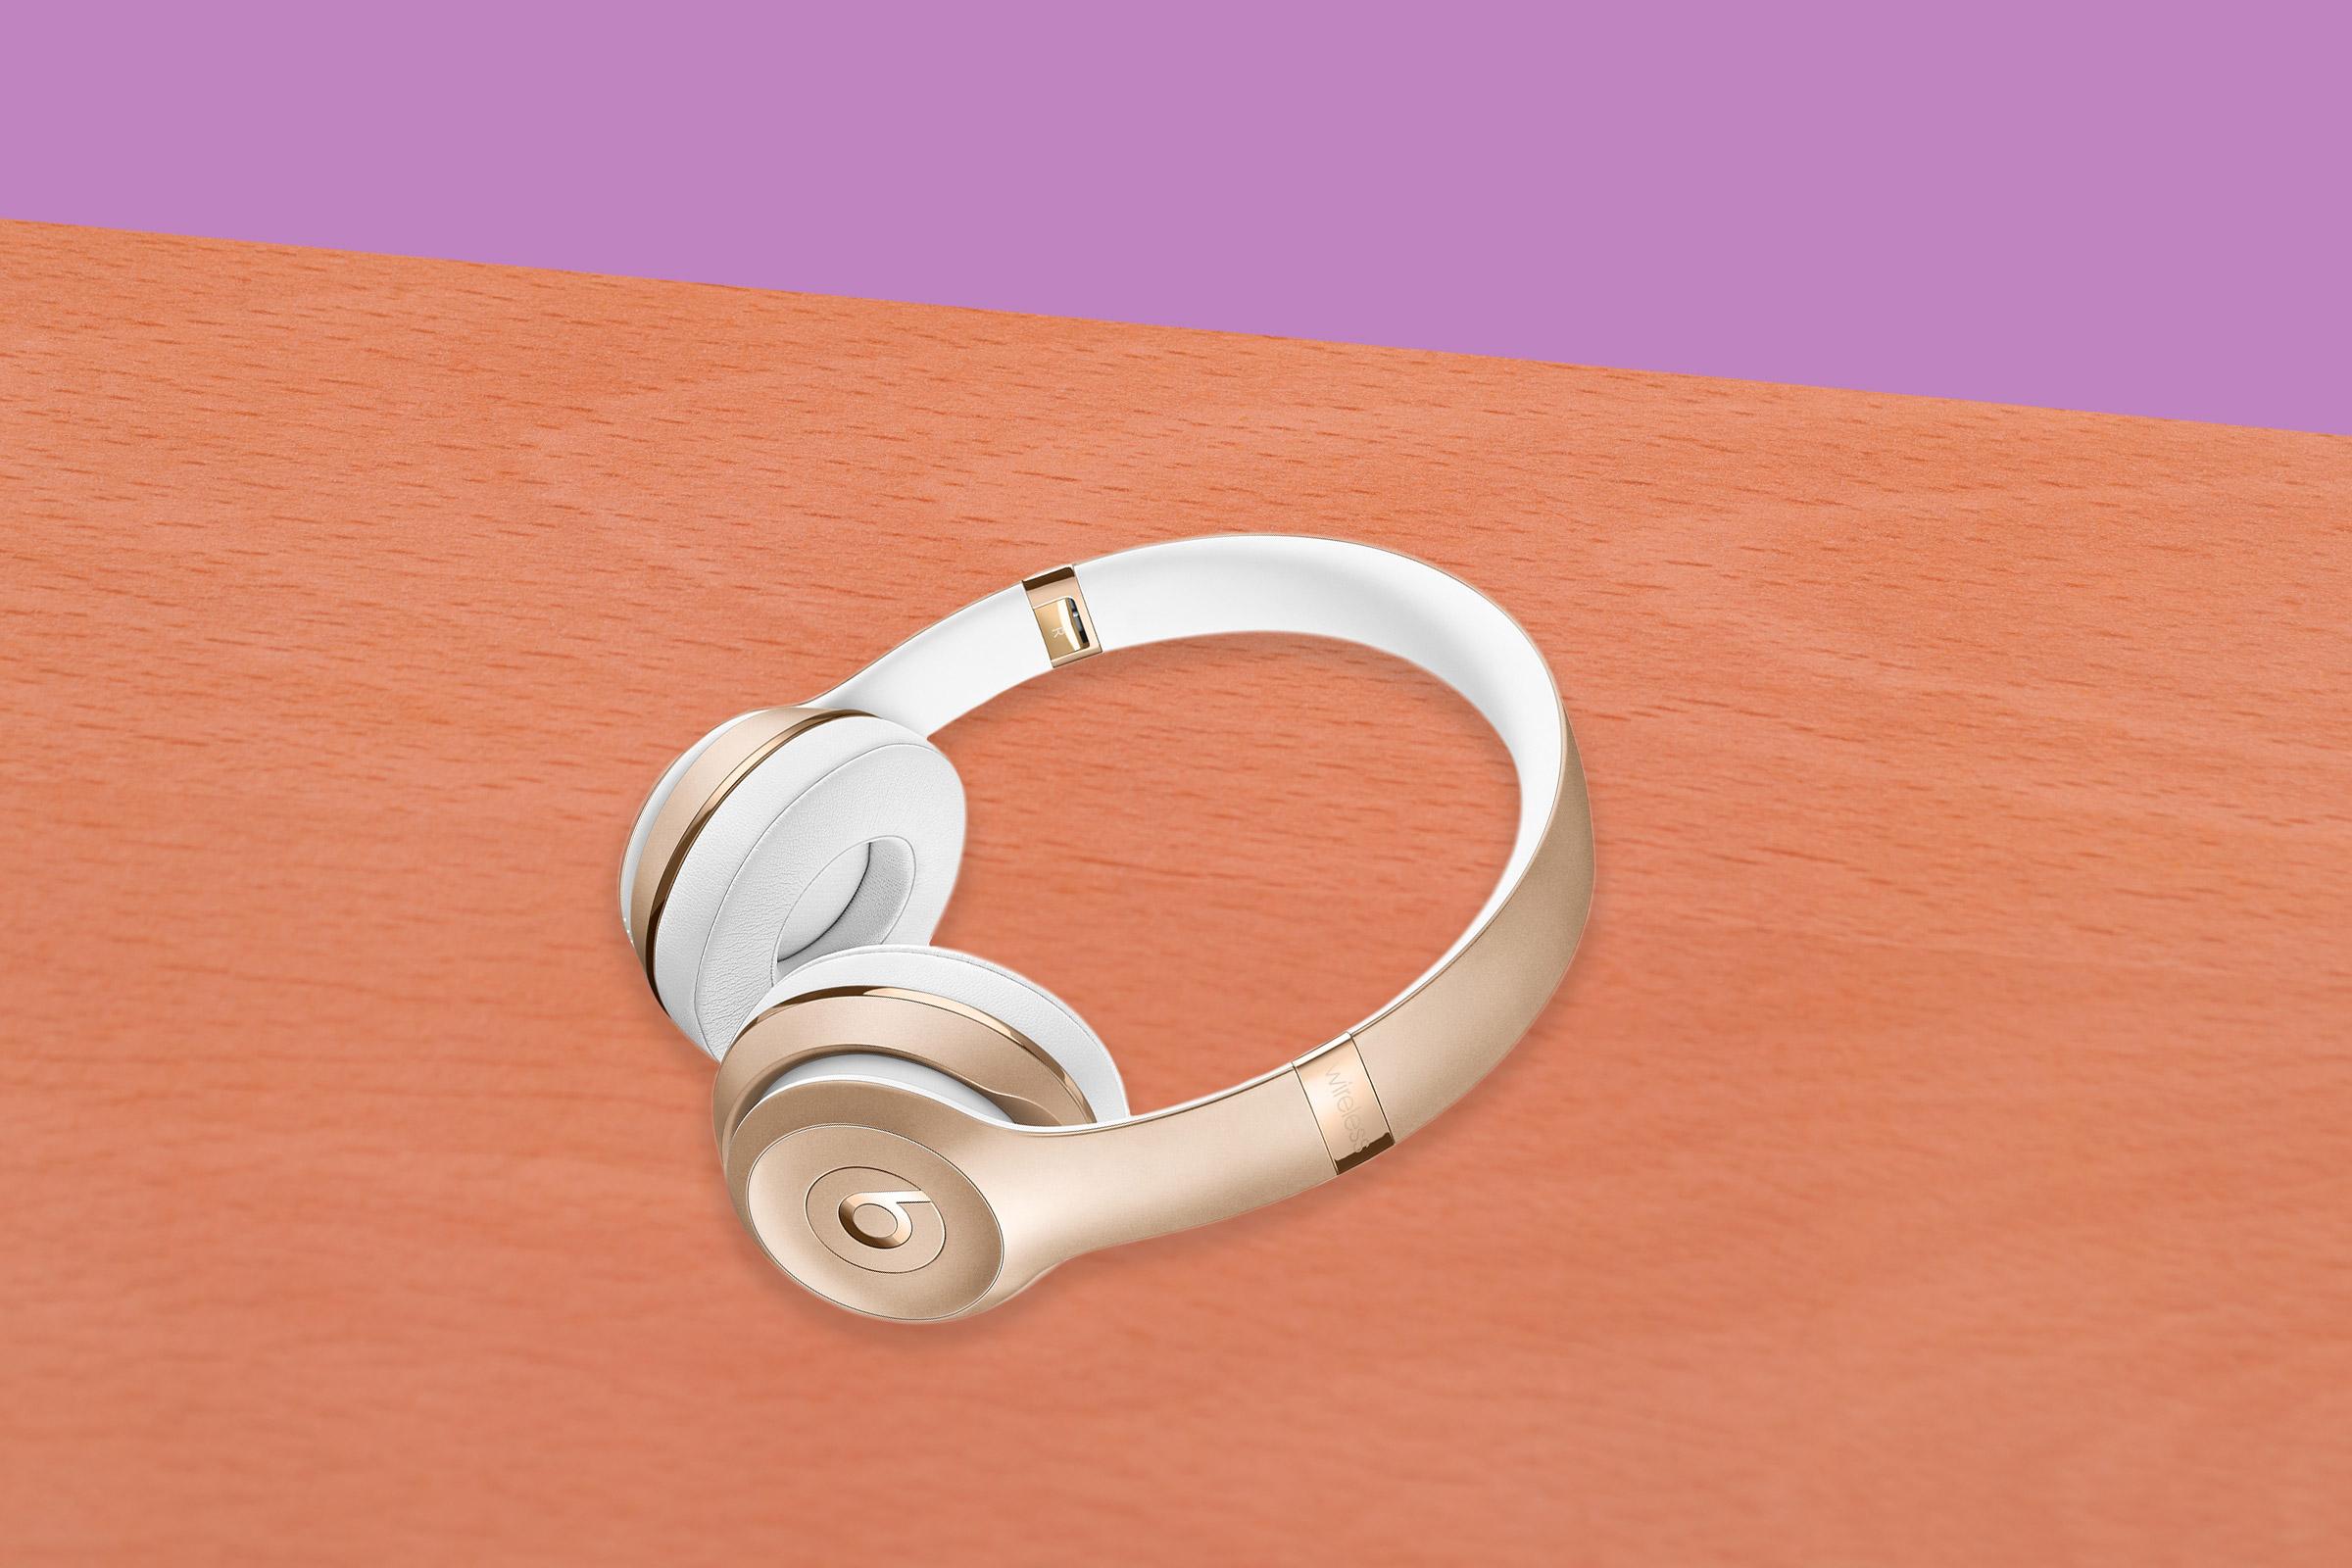 Beats Solo3 Wireless On-Ear Headphones